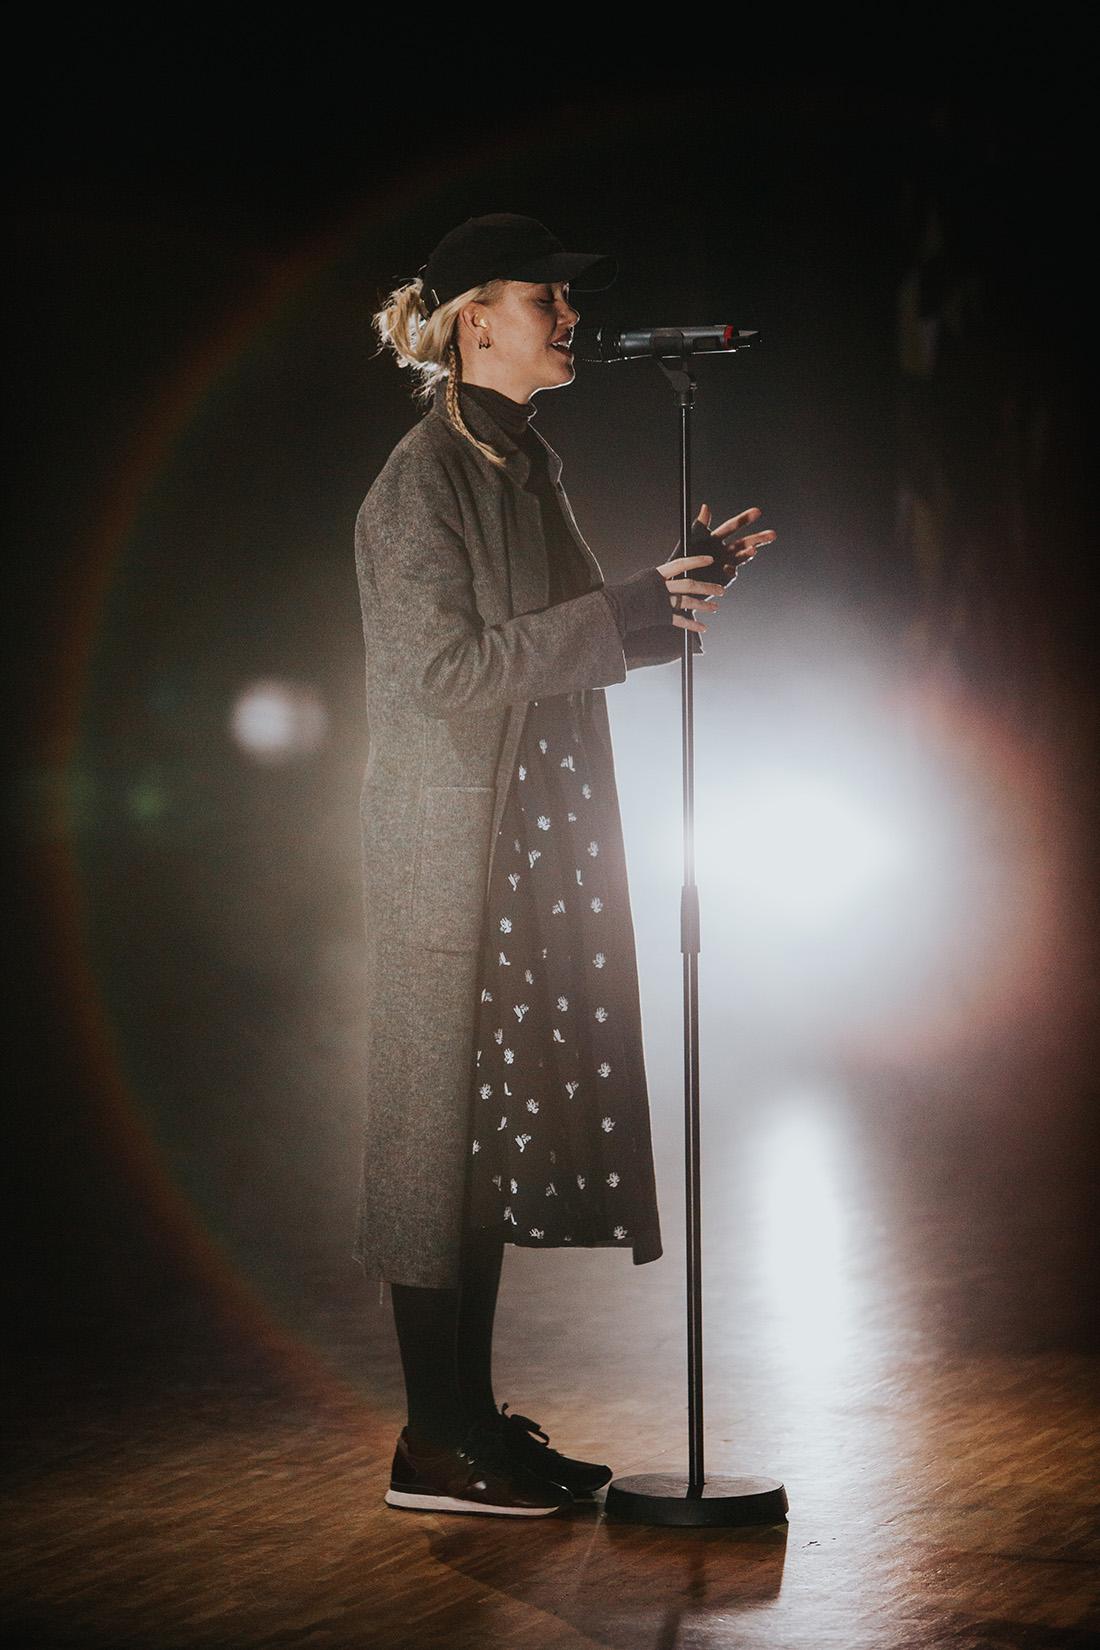 Ana Diaz på Guldstänk 2016 fotograf Henrik Mill Västerås Sverige